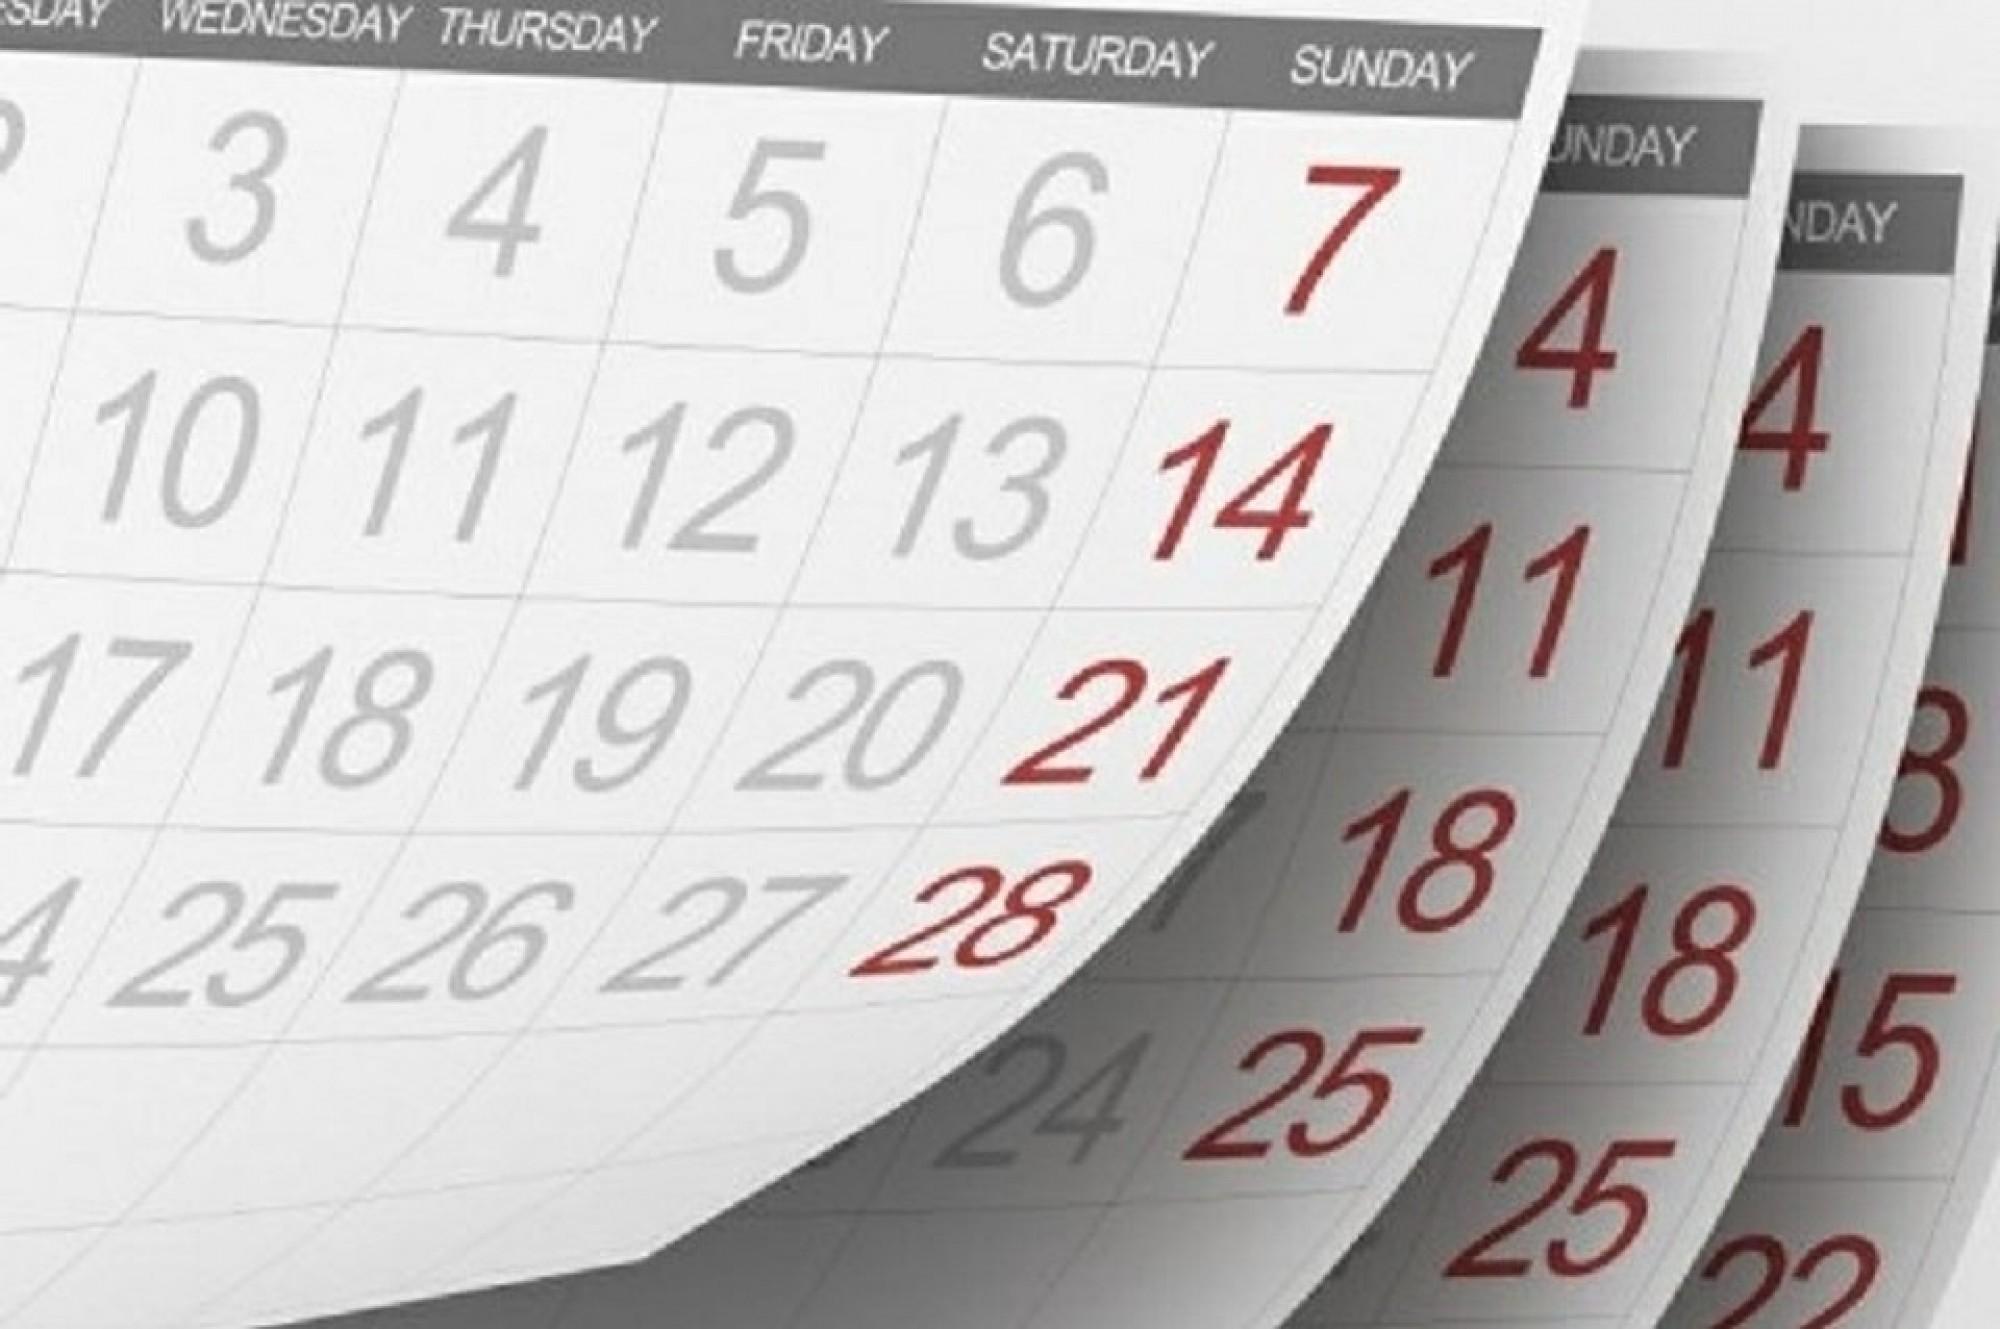 Вездеходные АГП будут популярны до середины марта